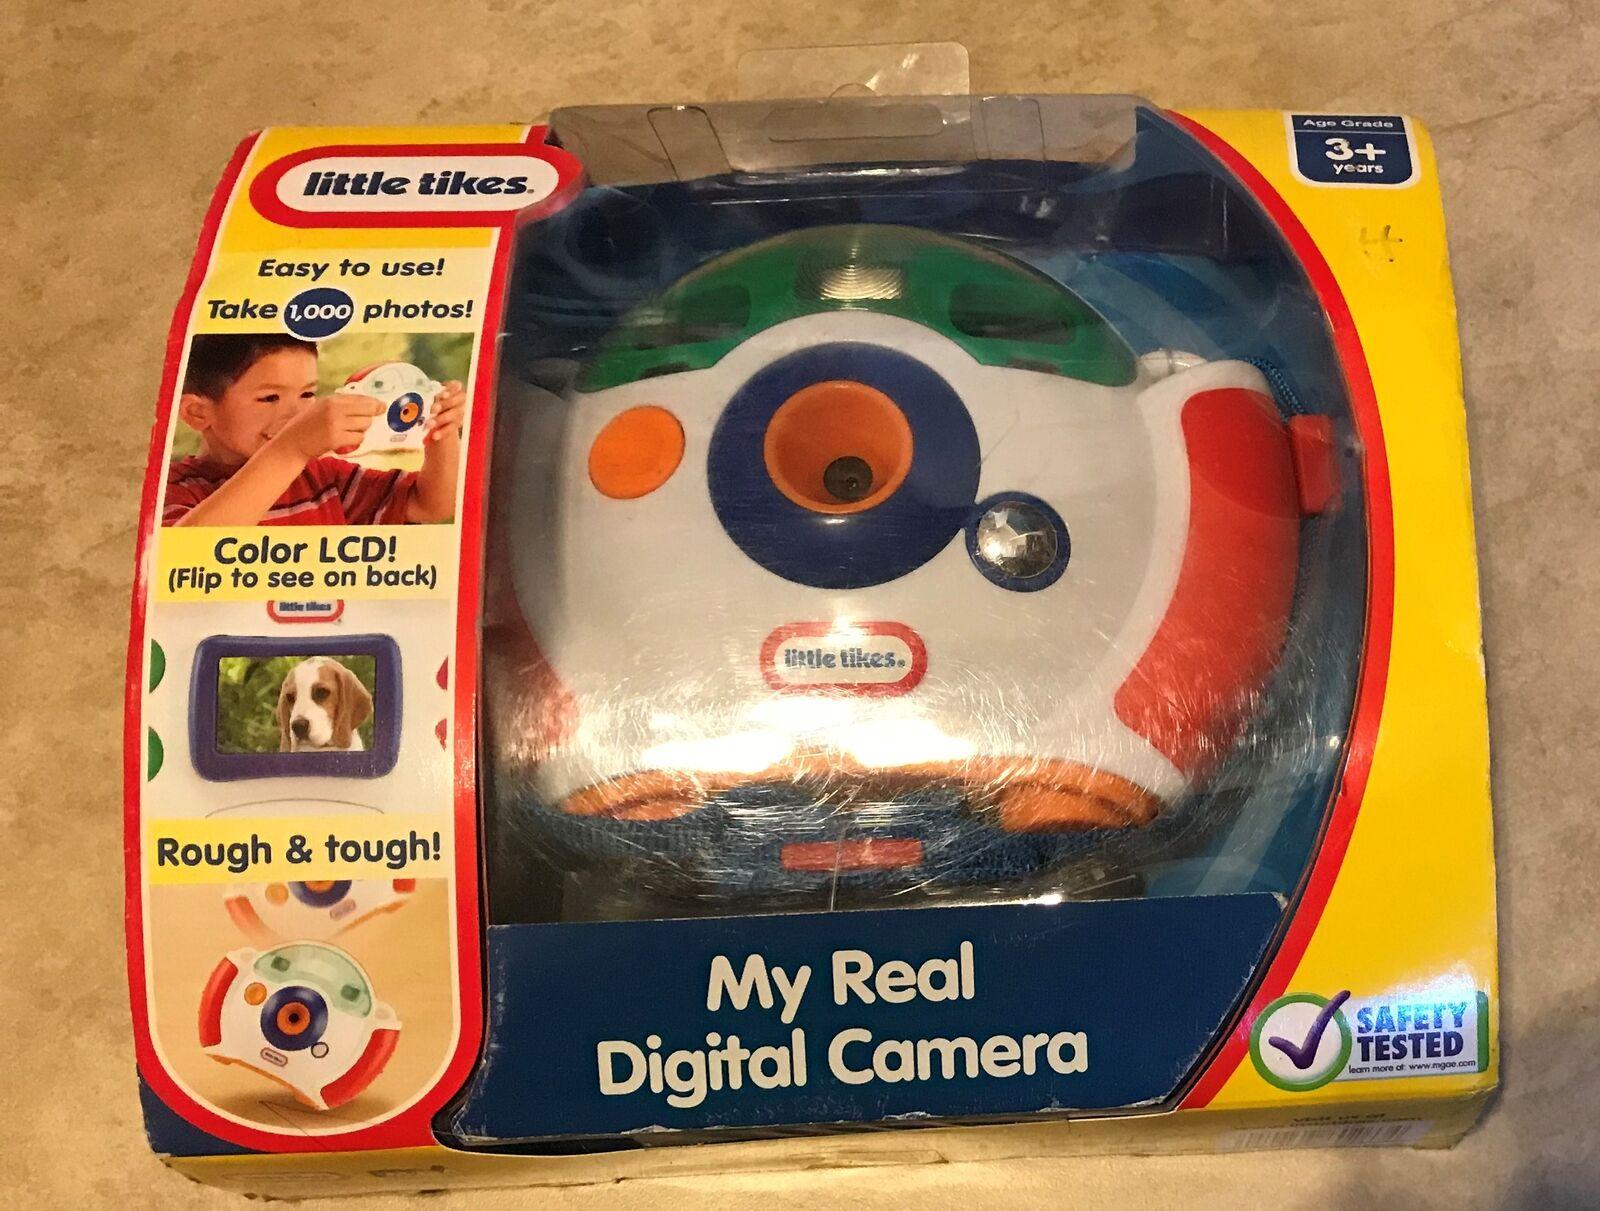 Wenig tikes meine digitalkamera w   lcd - fabrik versiegelt real & hart